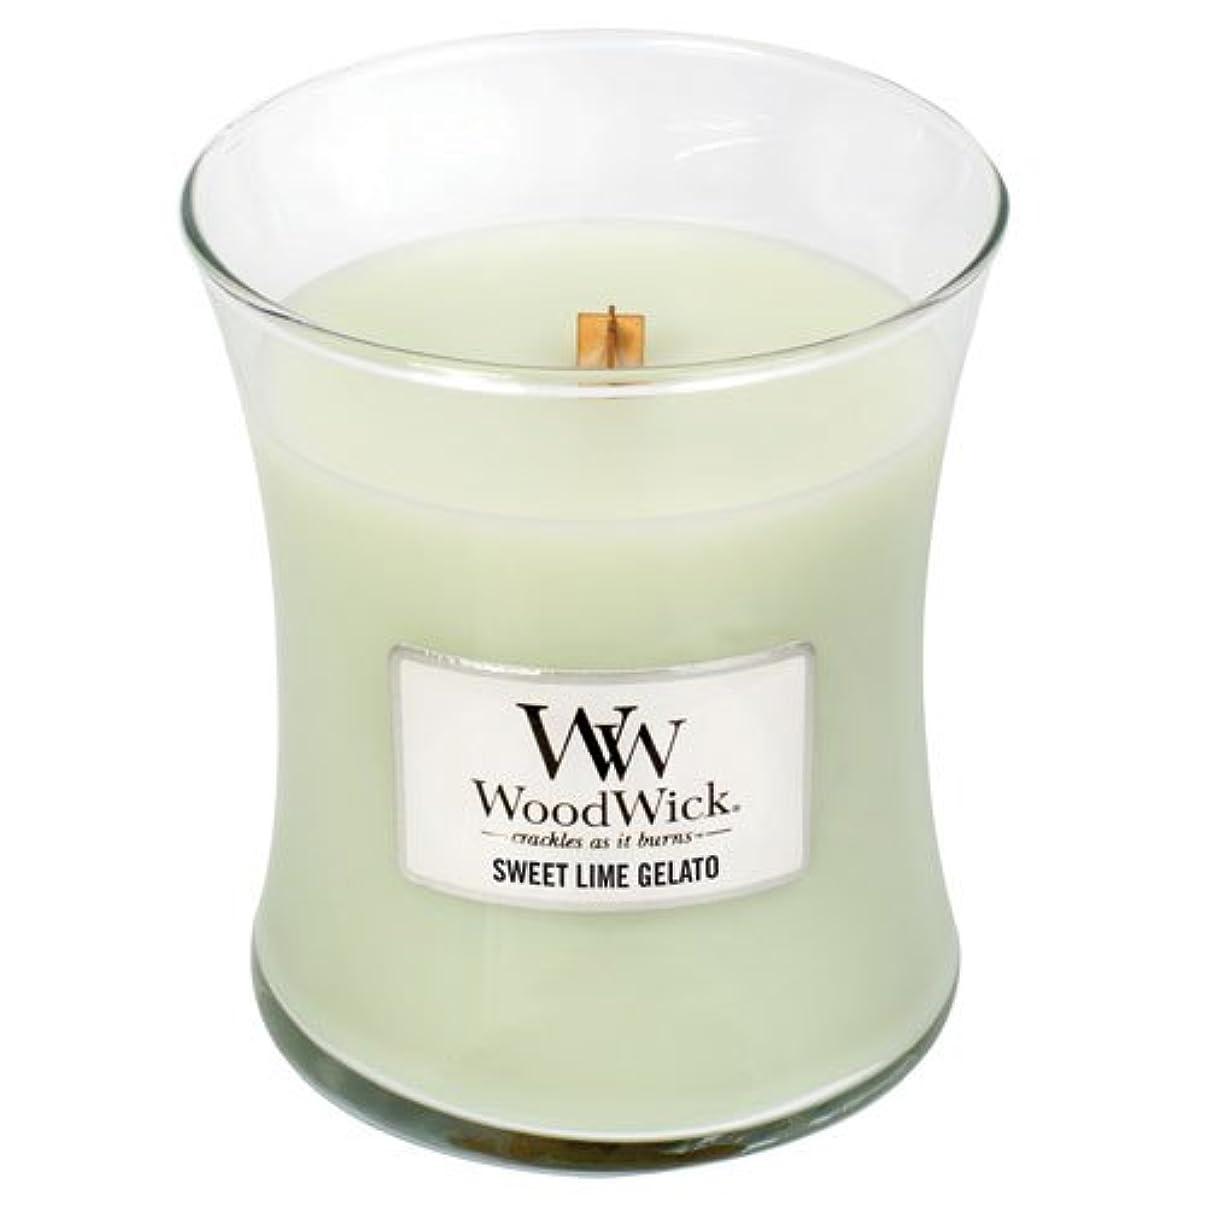 工業用それ独立したSweetライムGelato WoodWick 10oz香りつきJar Candle